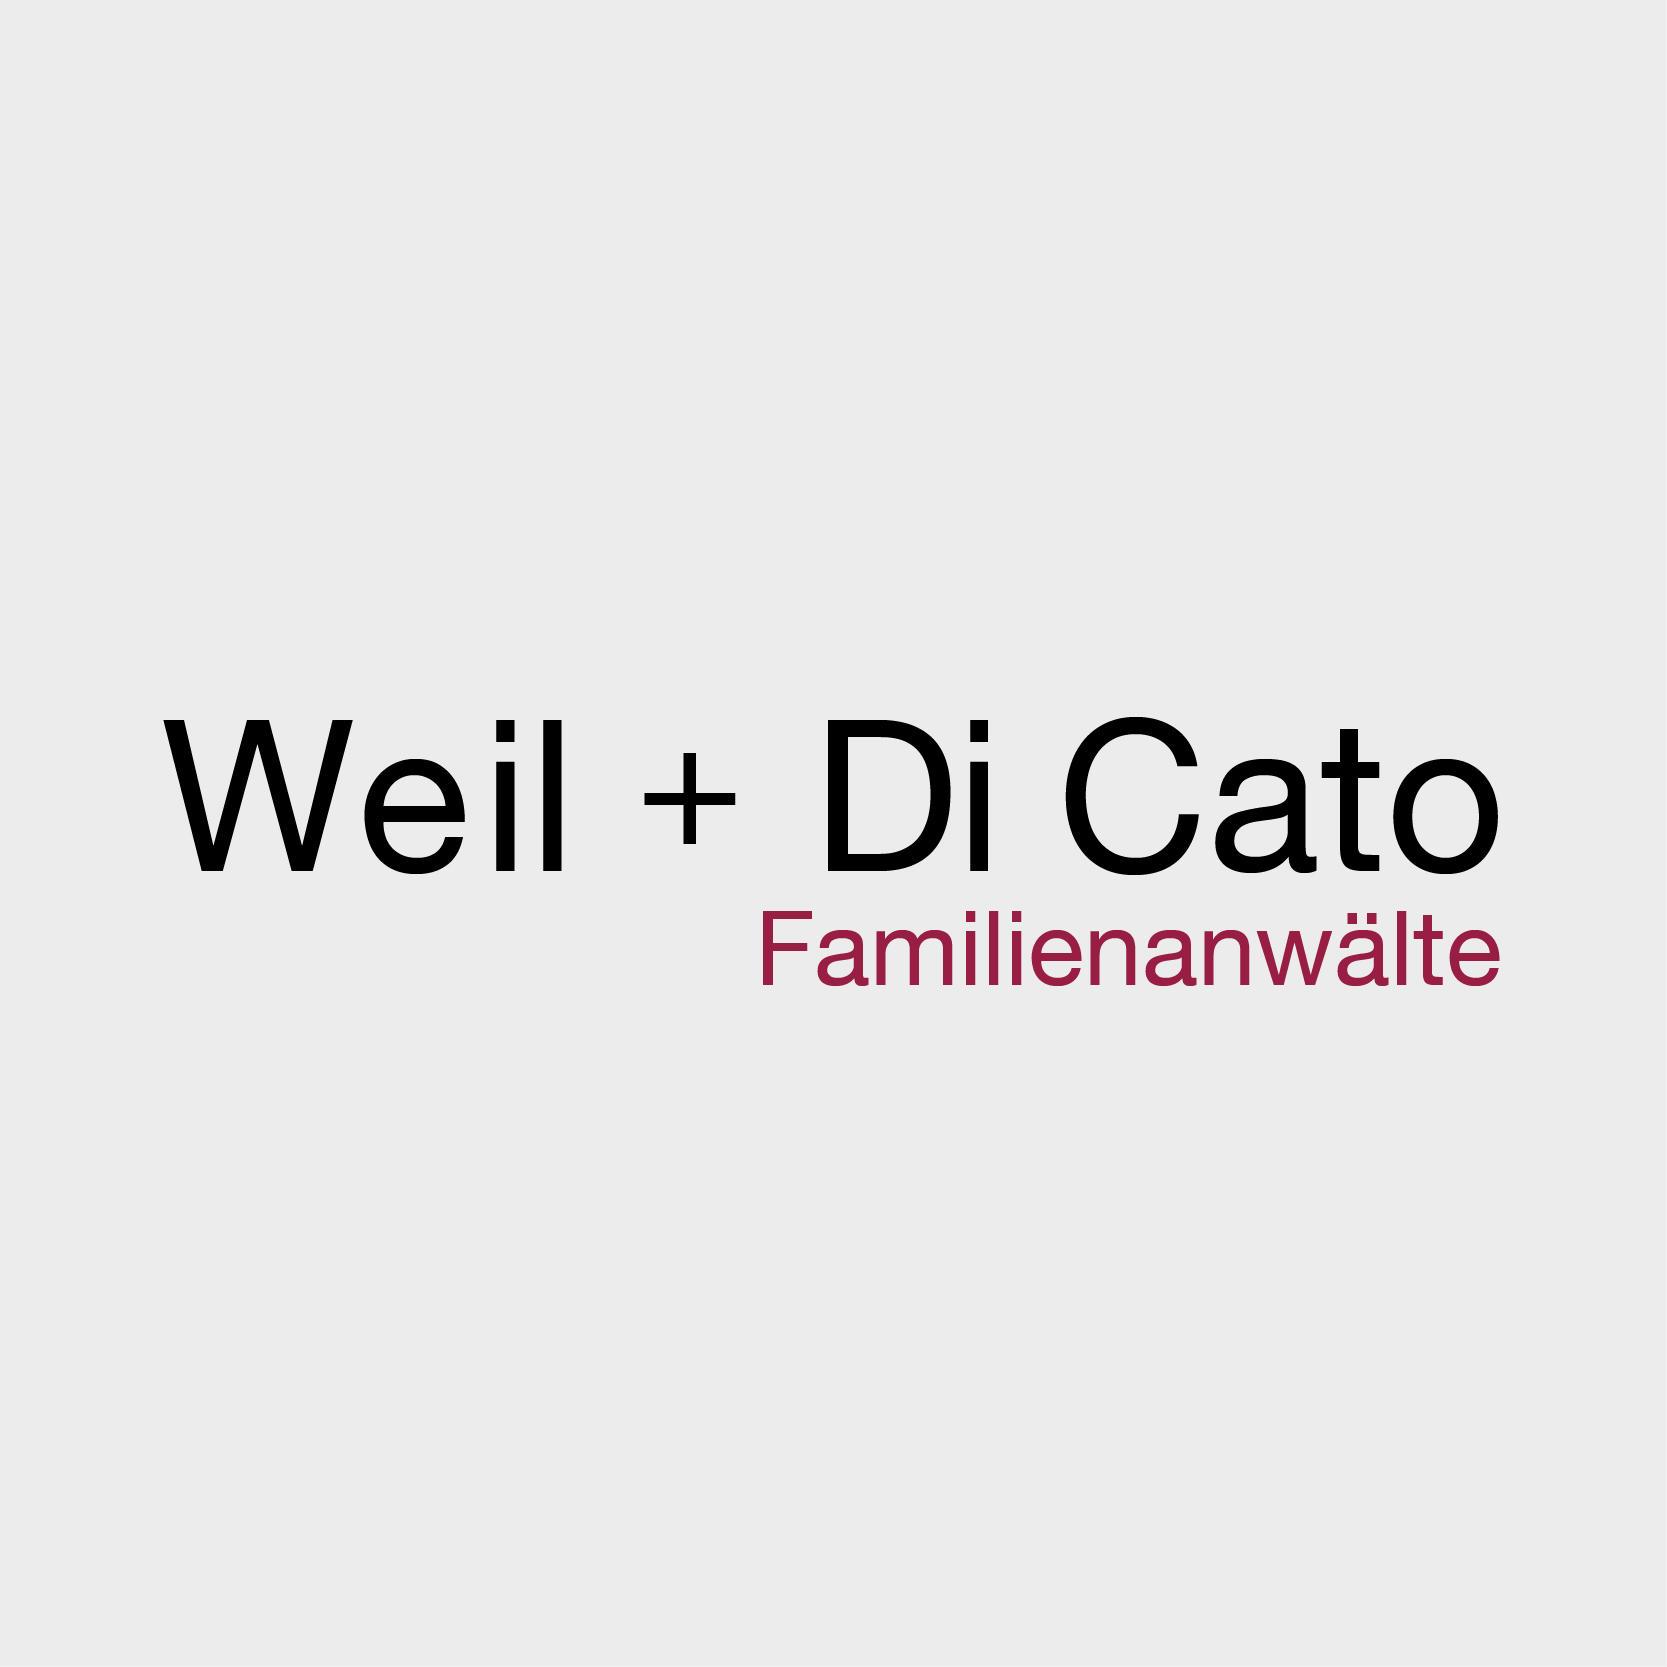 Bild zu Weil + Di Cato Familienanwälte in Marburg